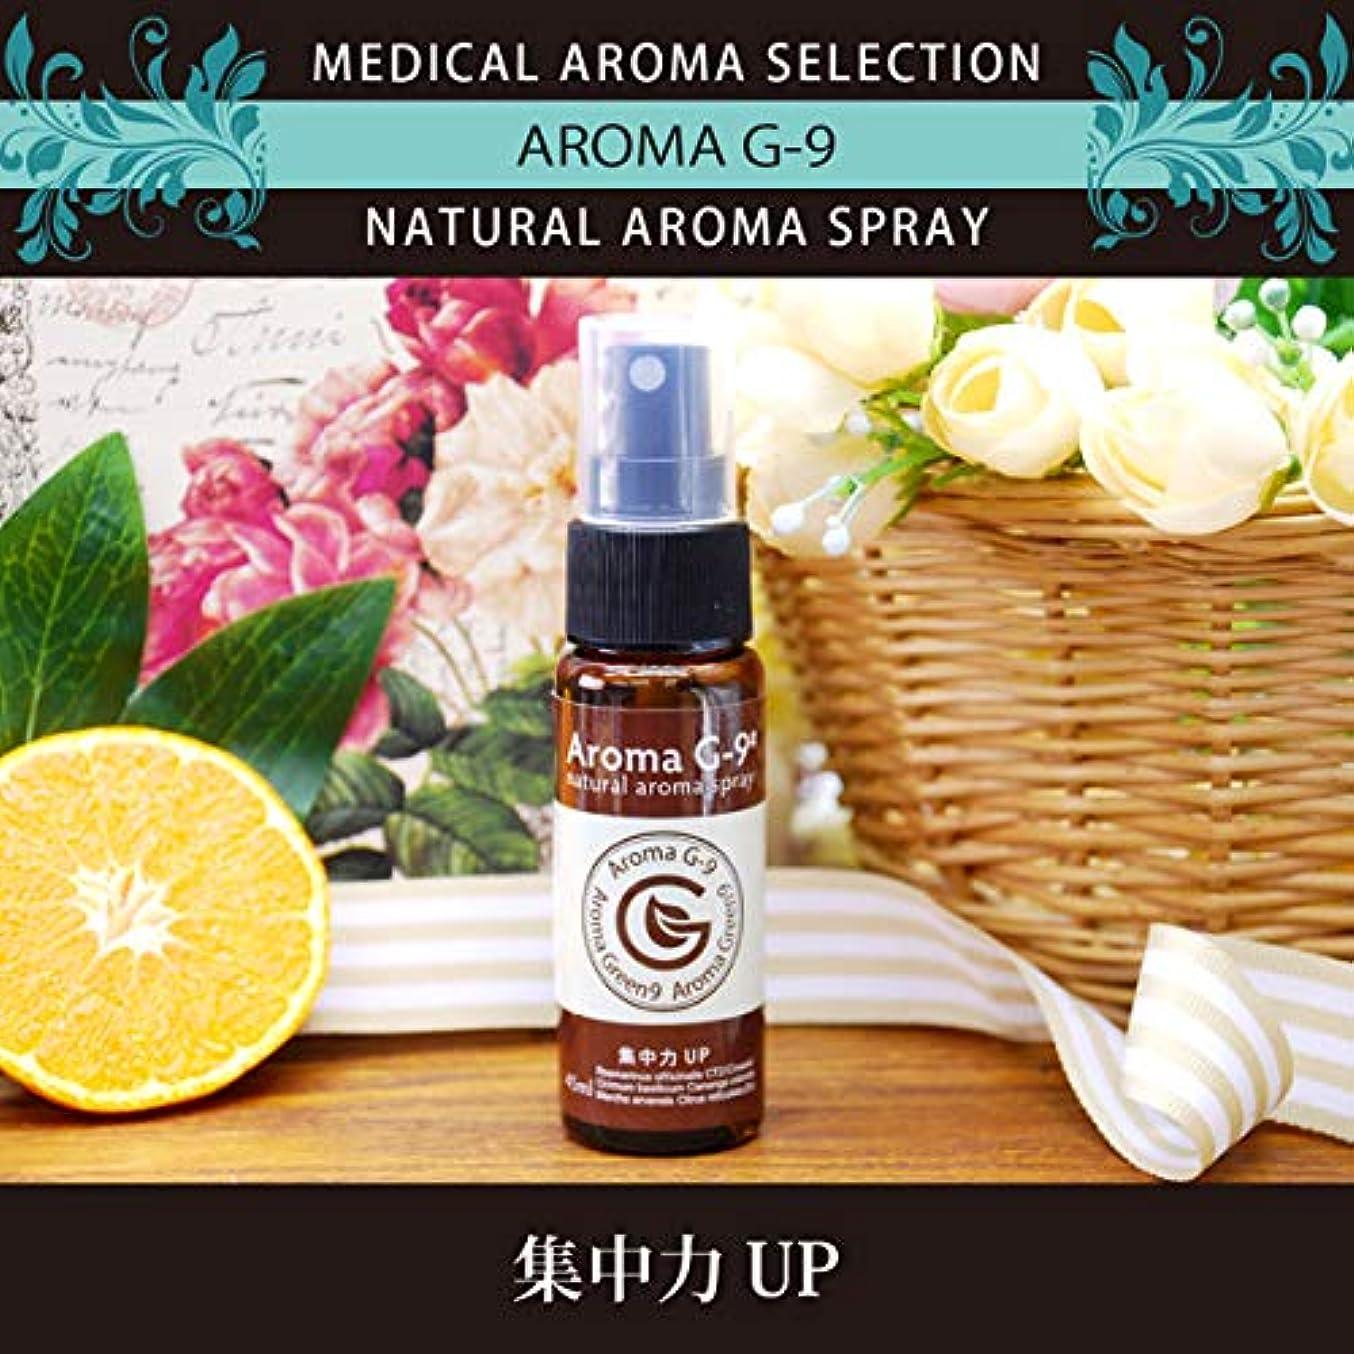 女性知恵損なうアロマスプレー Aroma G-9# 集中力アップアロマスプレー 45ml